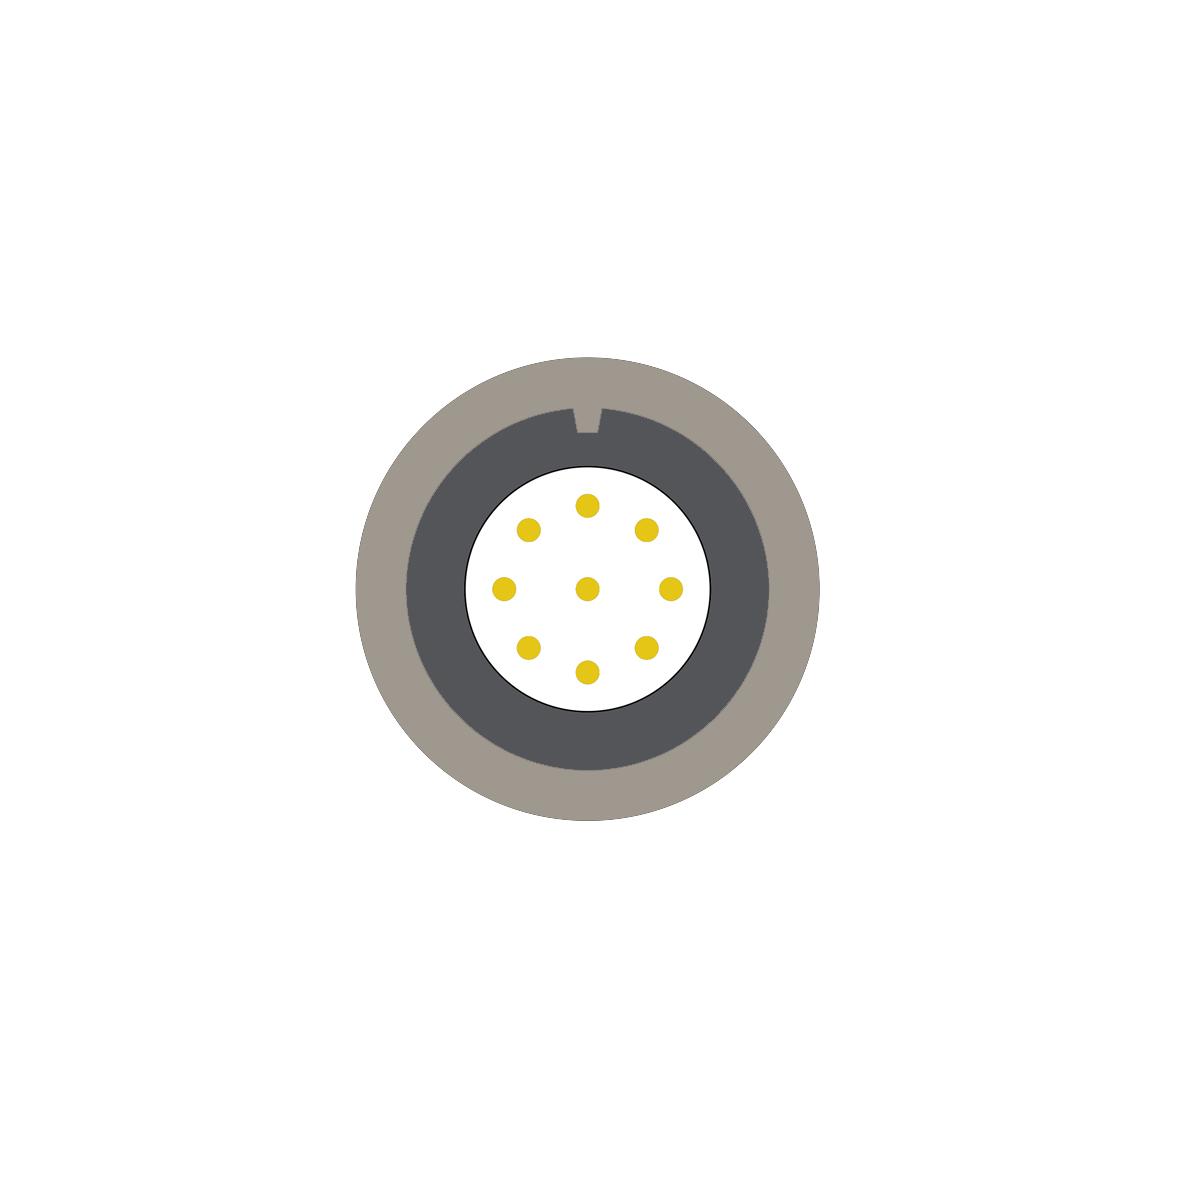 19cd (0) 9 way connector